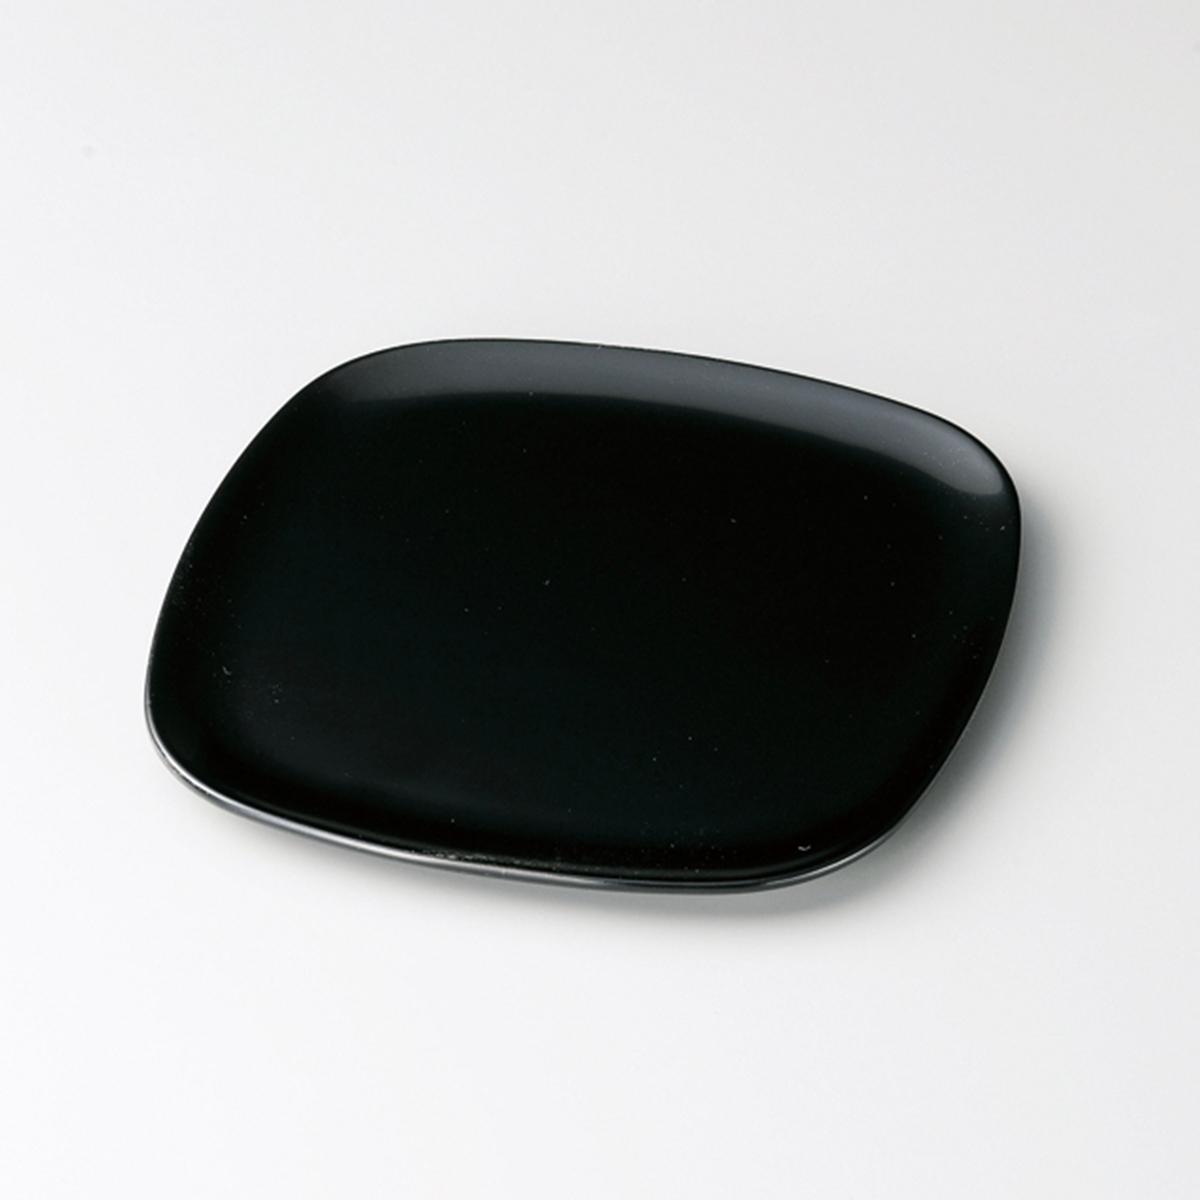 胴張銘々皿(黒)5枚セット宮内庁御用達 銘々皿 木製 日本製 来客 越前漆器 うるし 艶 上品 器 漆器 木 漆塗 手塗 高級 おすすめ 揃い おもてなし 取り皿 小皿 お皿 菓子皿 内祝 新築祝 ギフト